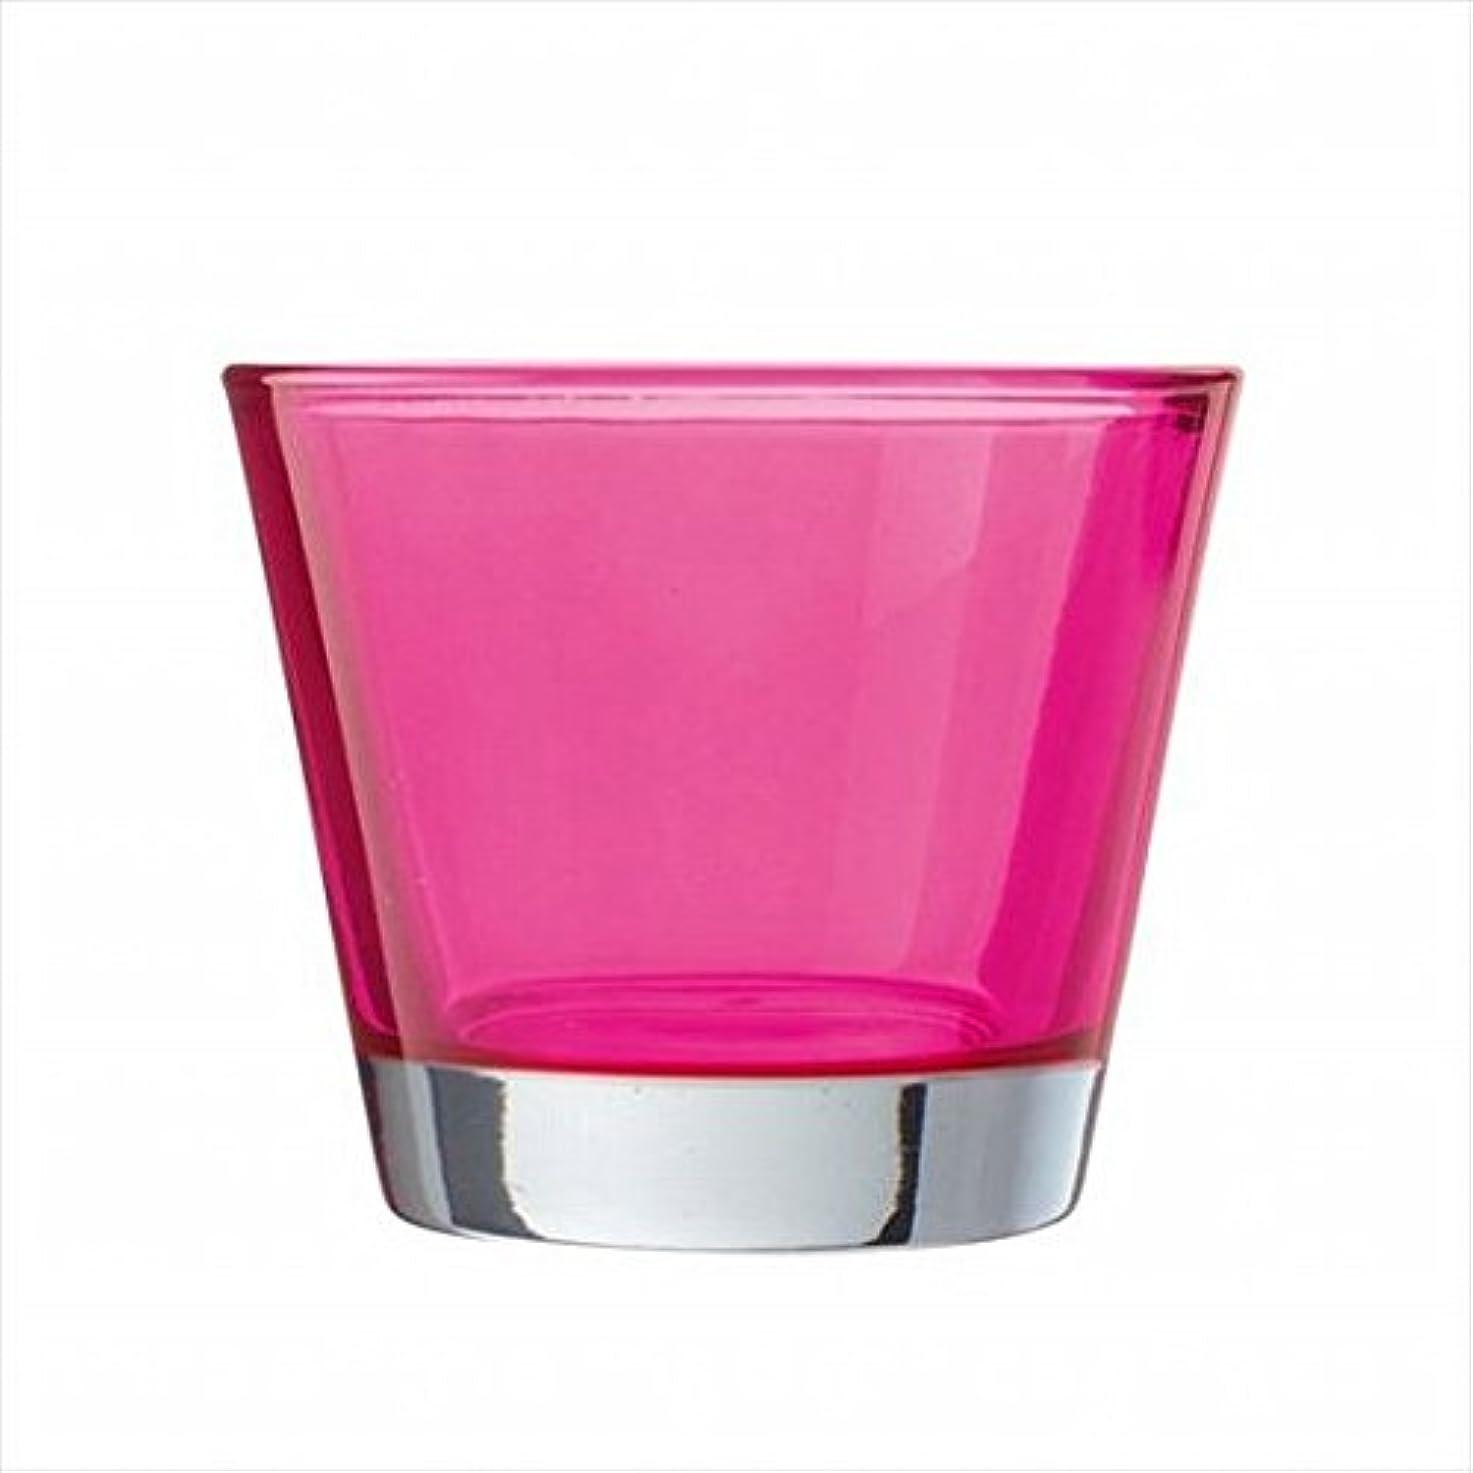 リズミカルなシェーバー不均一kameyama candle(カメヤマキャンドル) カラリス 「 ピンク 」 キャンドル 82x82x70mm (J2540000PK)